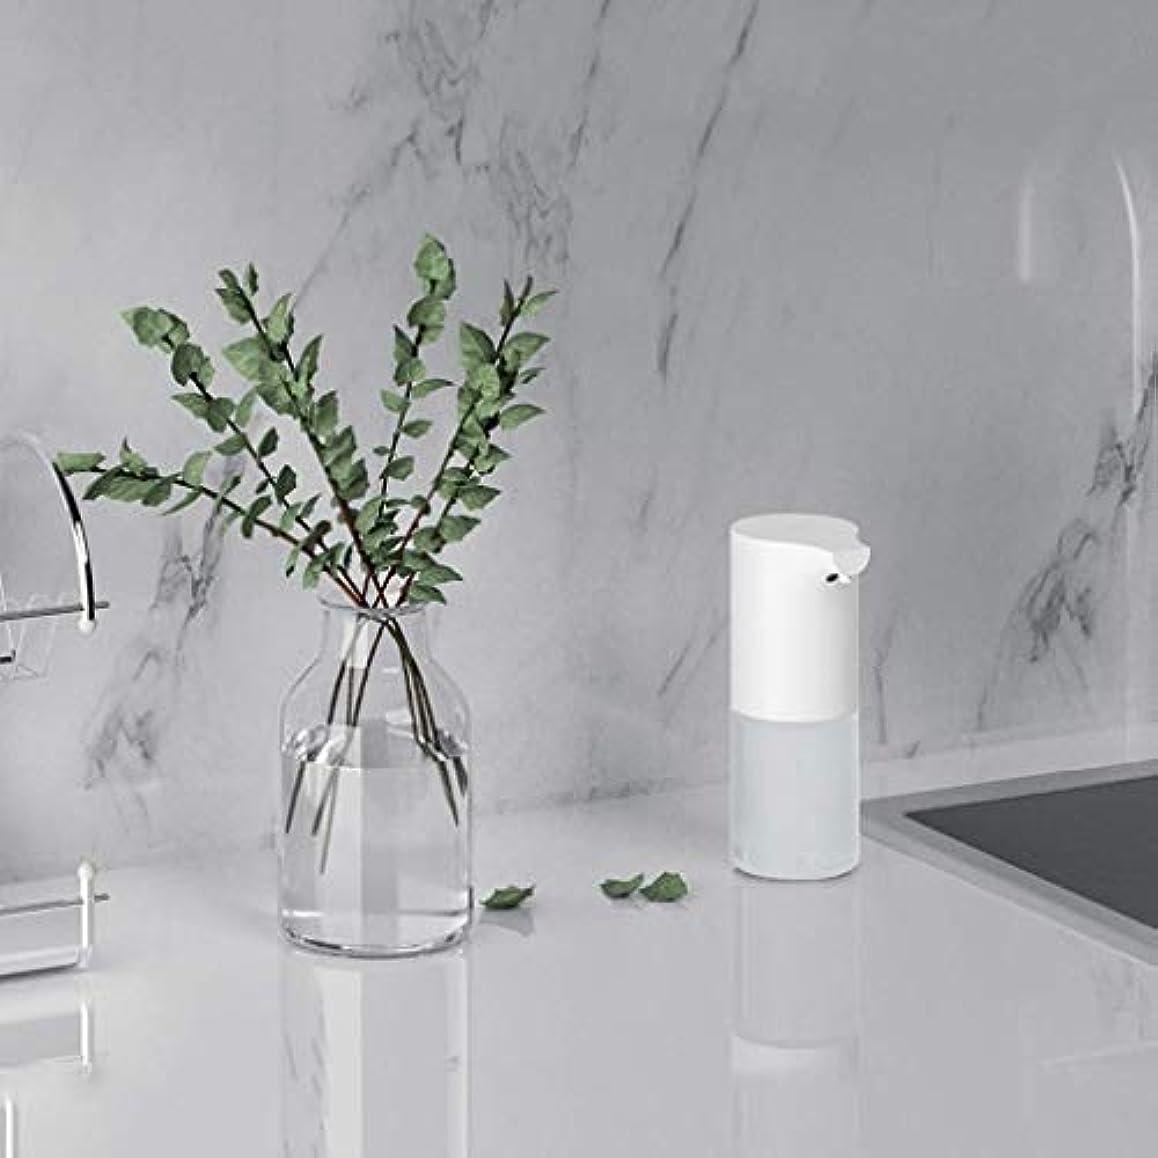 草博物館バーター赤外線センサー泡手消毒剤320ミリリットル環境保護素材石鹸ボトルキッチンバスルームローション(色:白、サイズ:19 * 9.8 * 7.3 cm) (Color : White, Size : 19*9.8*7.3cm)